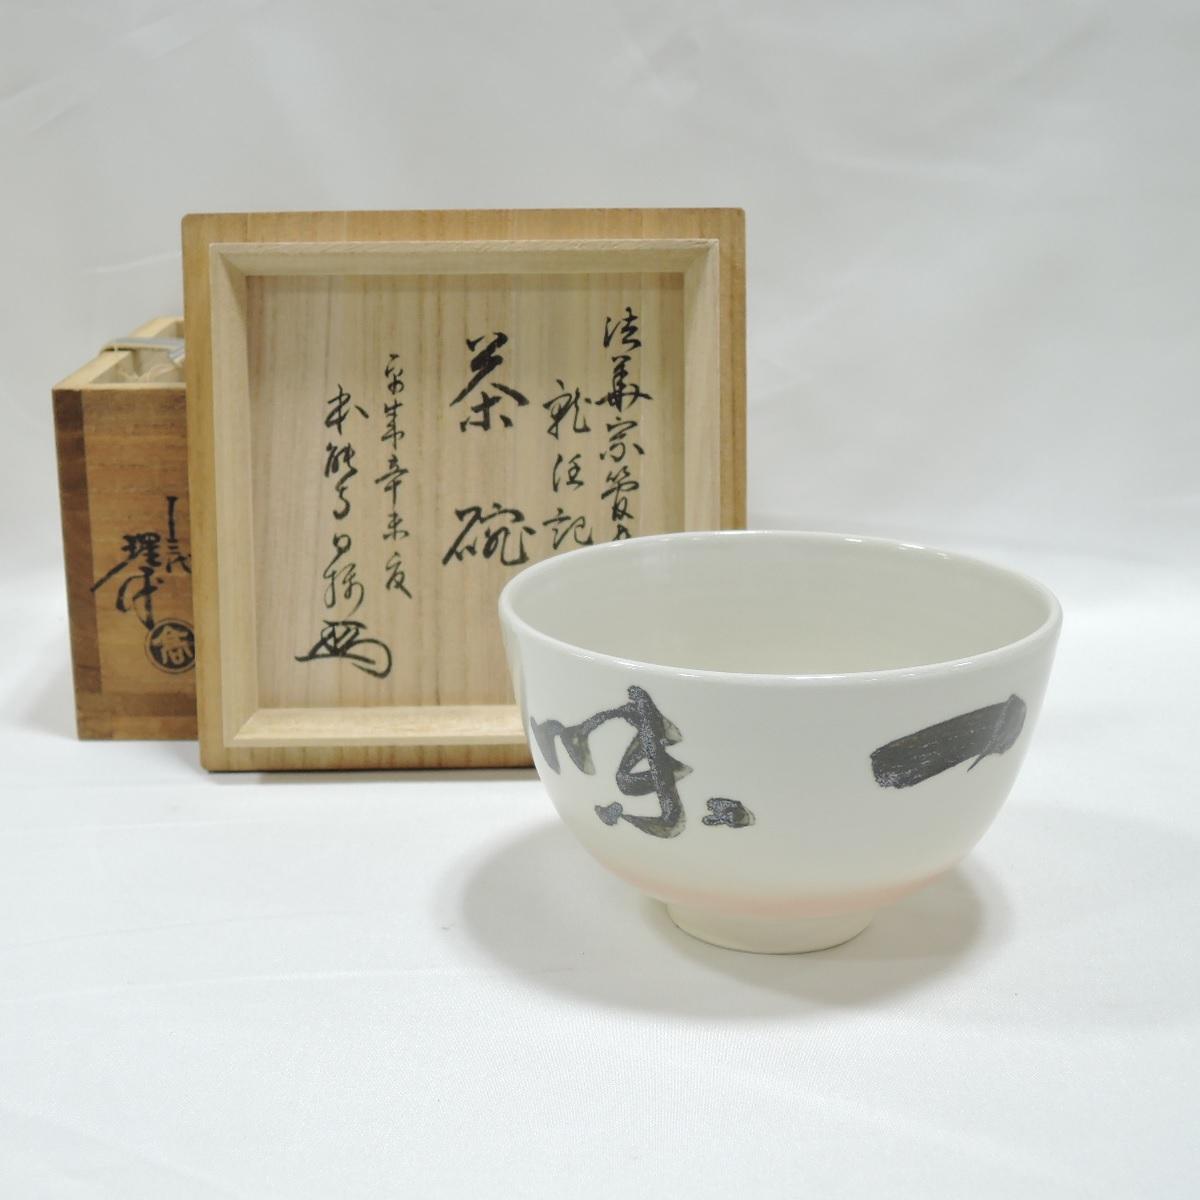 【中古】理平焼 十三代 紀太理平作 一味 茶碗 本能寺日摂就任記念茶碗 茶道具【美品】